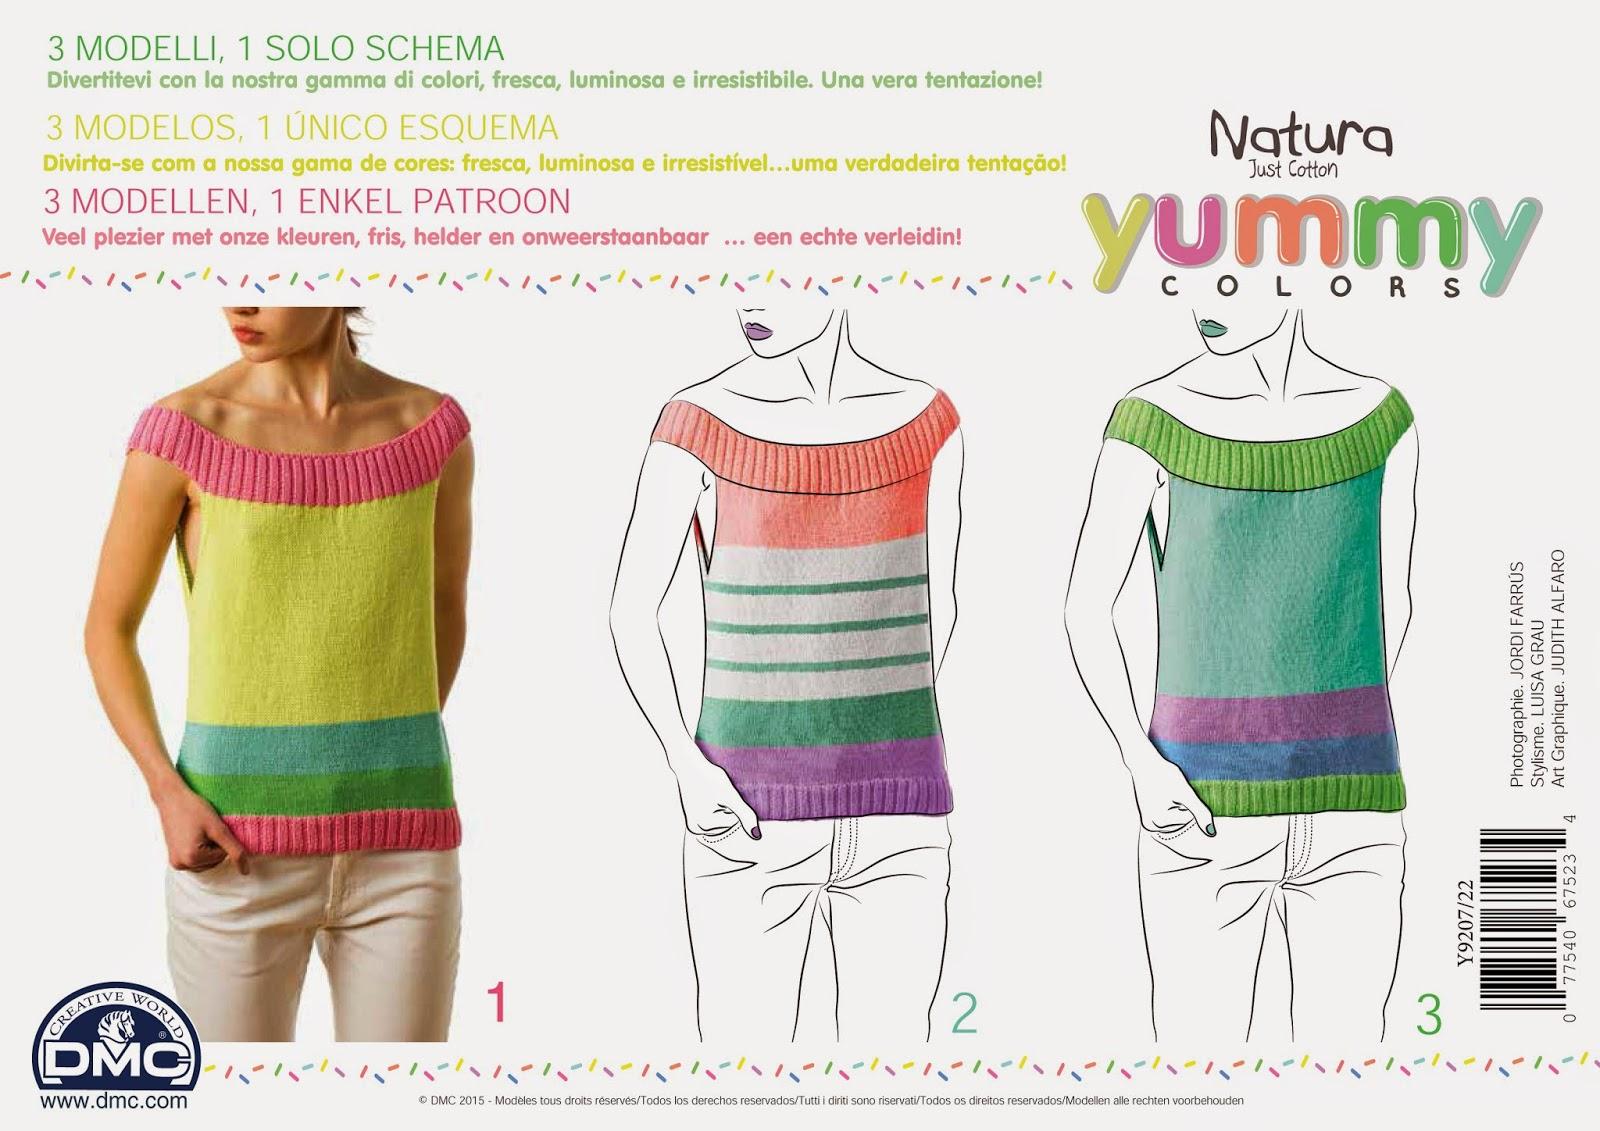 El blog de Dmc: Presentamos el nuevo colorido Natura Yummy